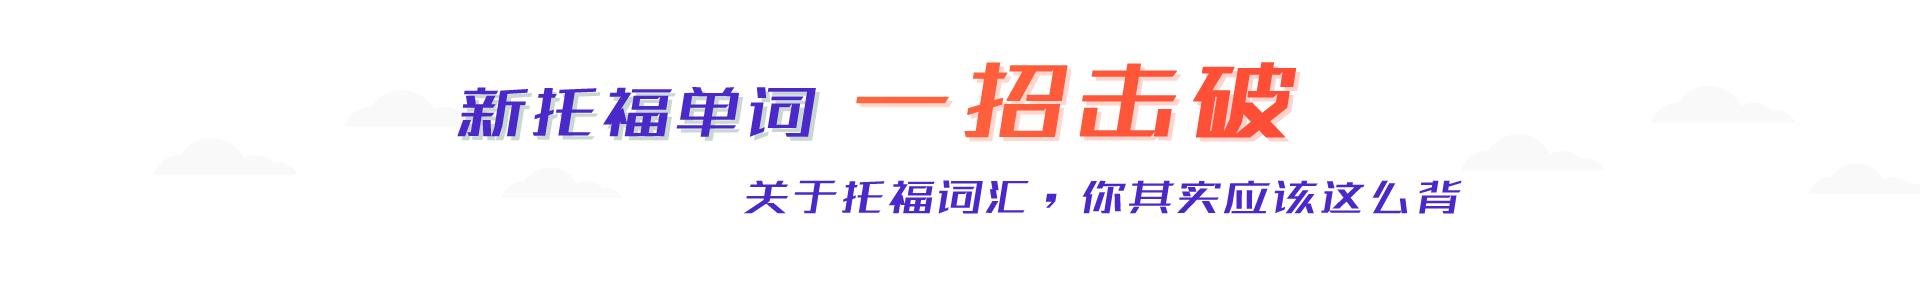 18年新版托福单词资料大集合[下载]